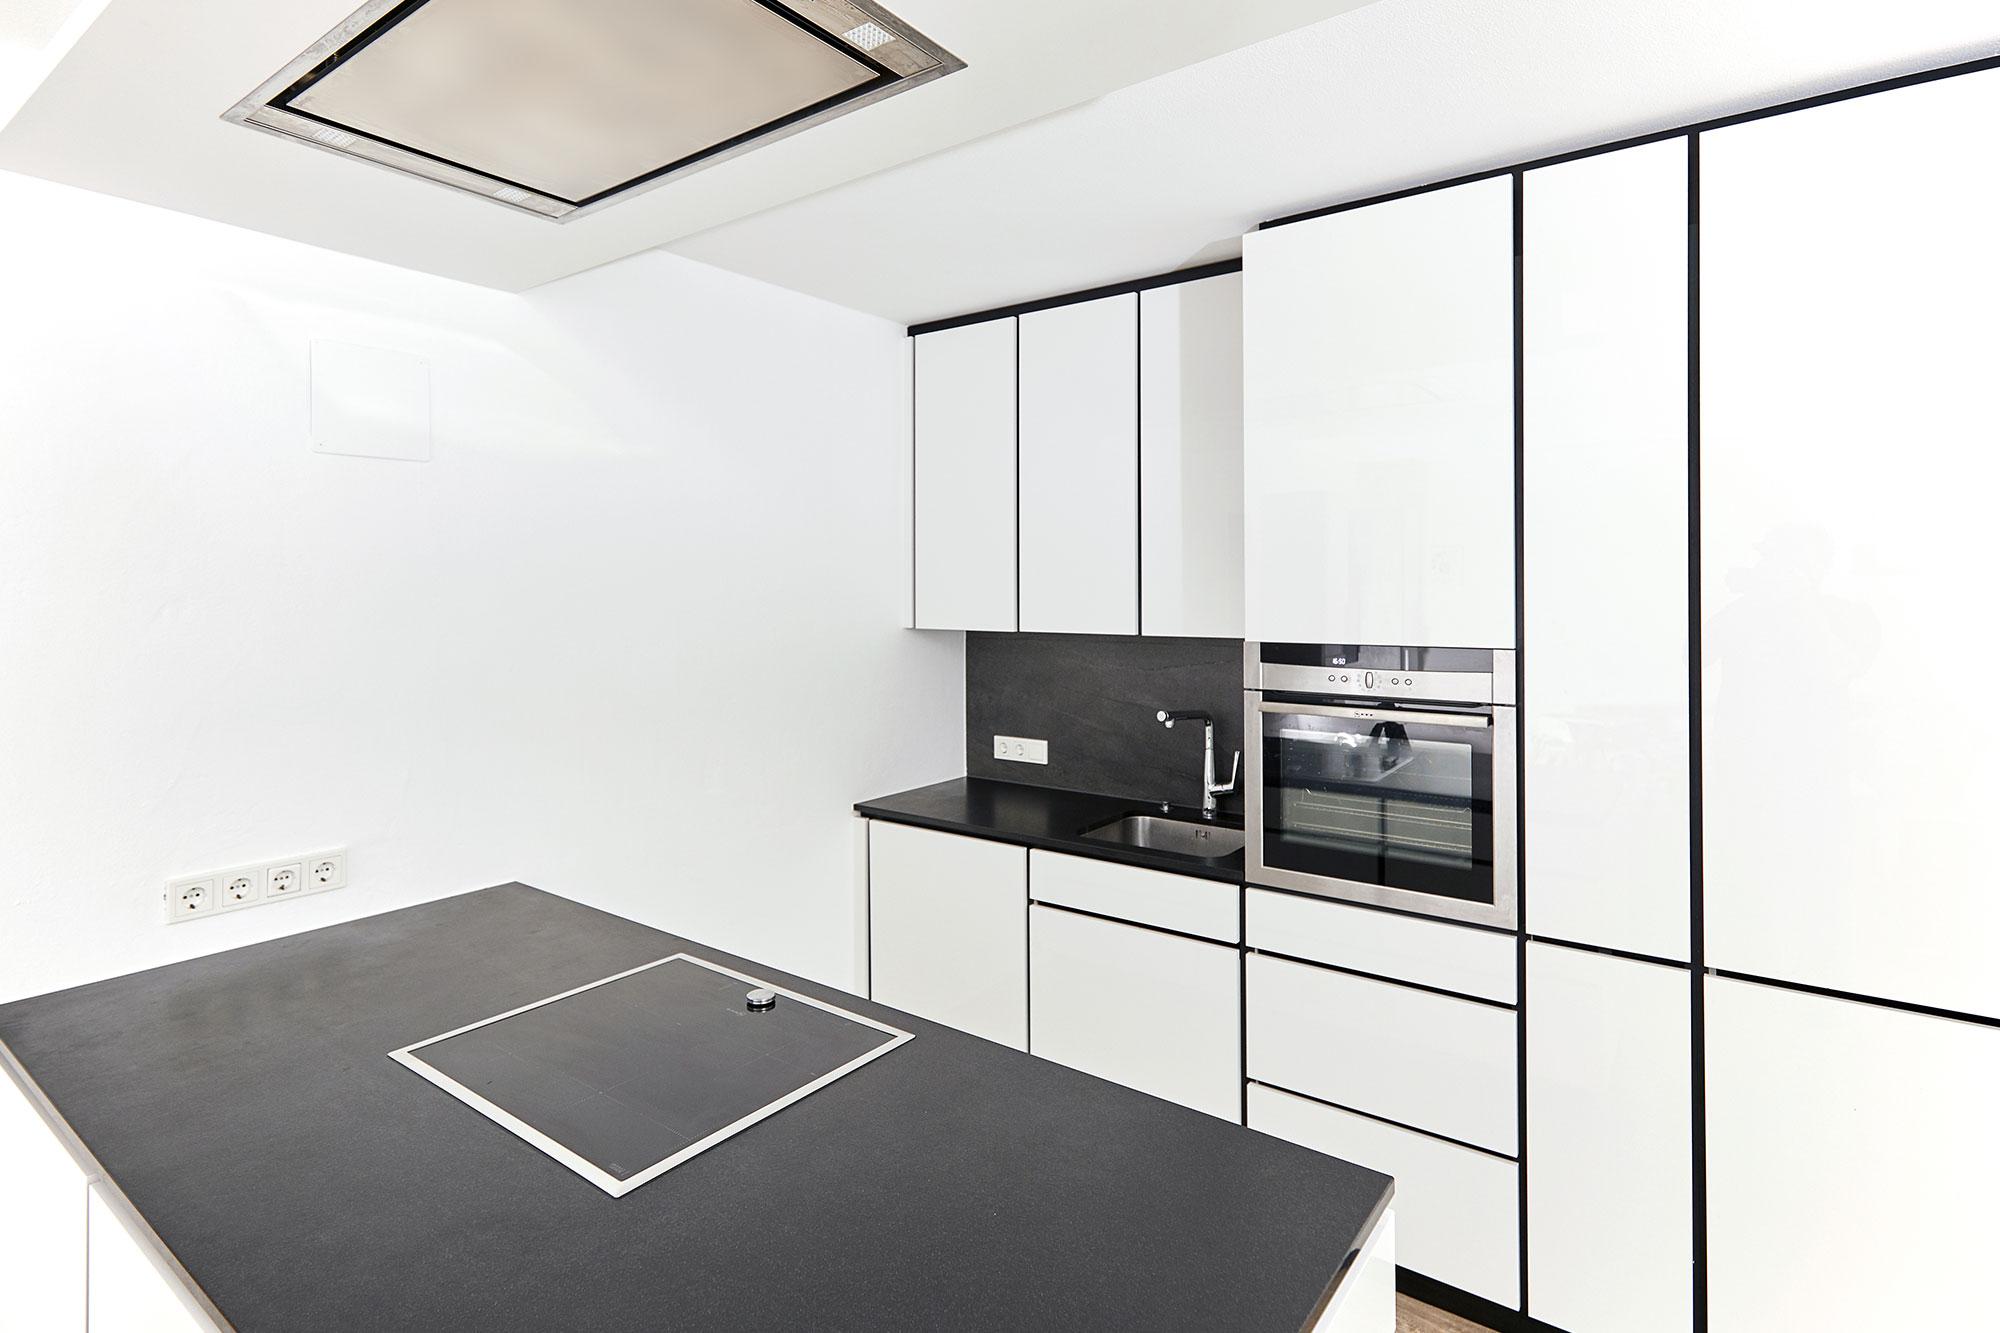 Tischlerei Stöckl Ebbs Inneneinrichtung Küche Wohnküche Hochglanz black/white Quooker